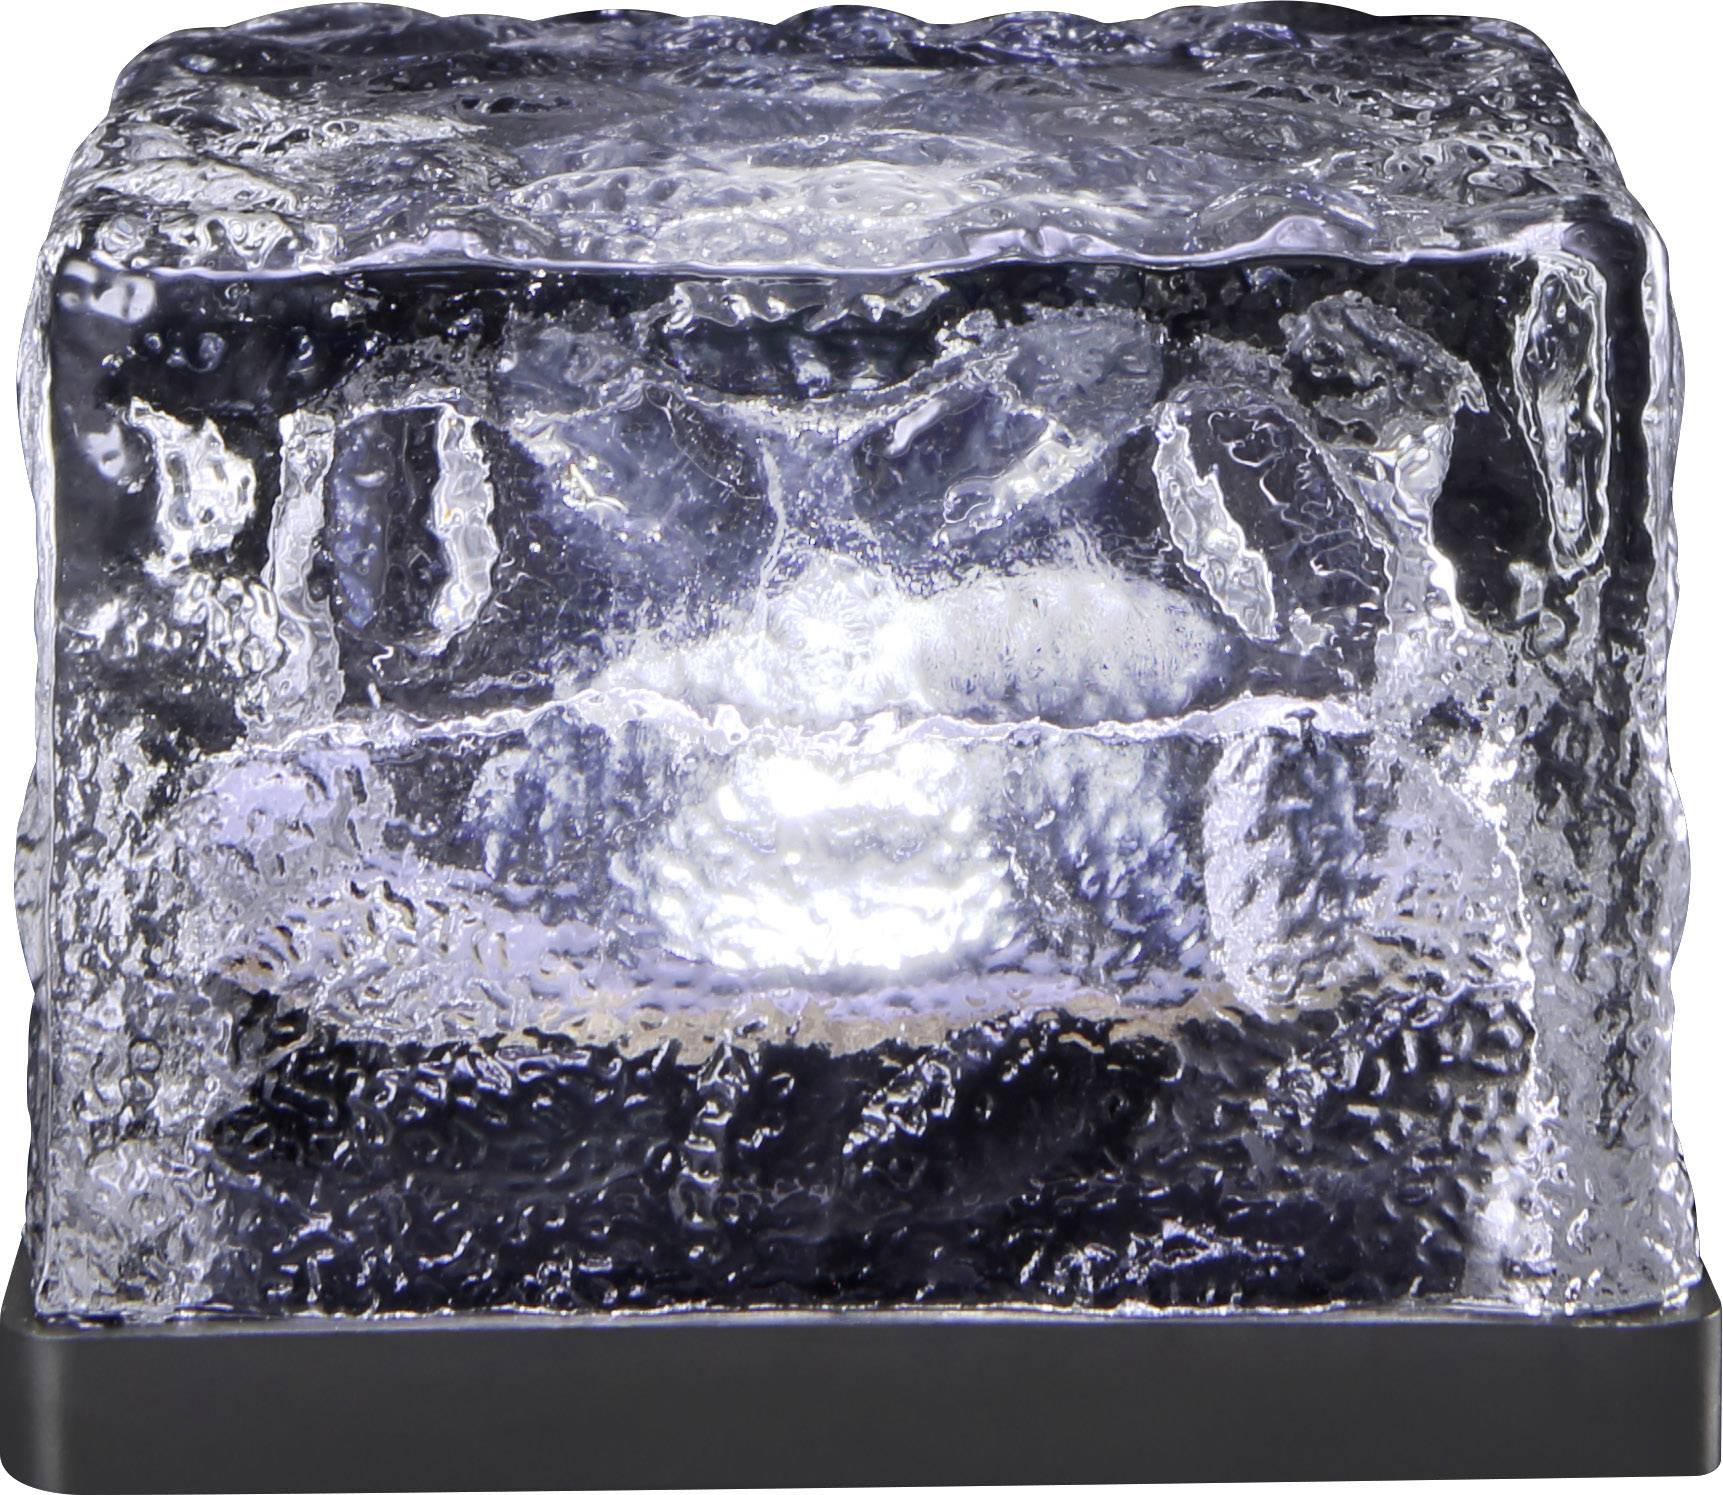 LED solárne dekoračné osvetlenie kocka ľadu Polarlite 0.08 W, IP44, chladná biela